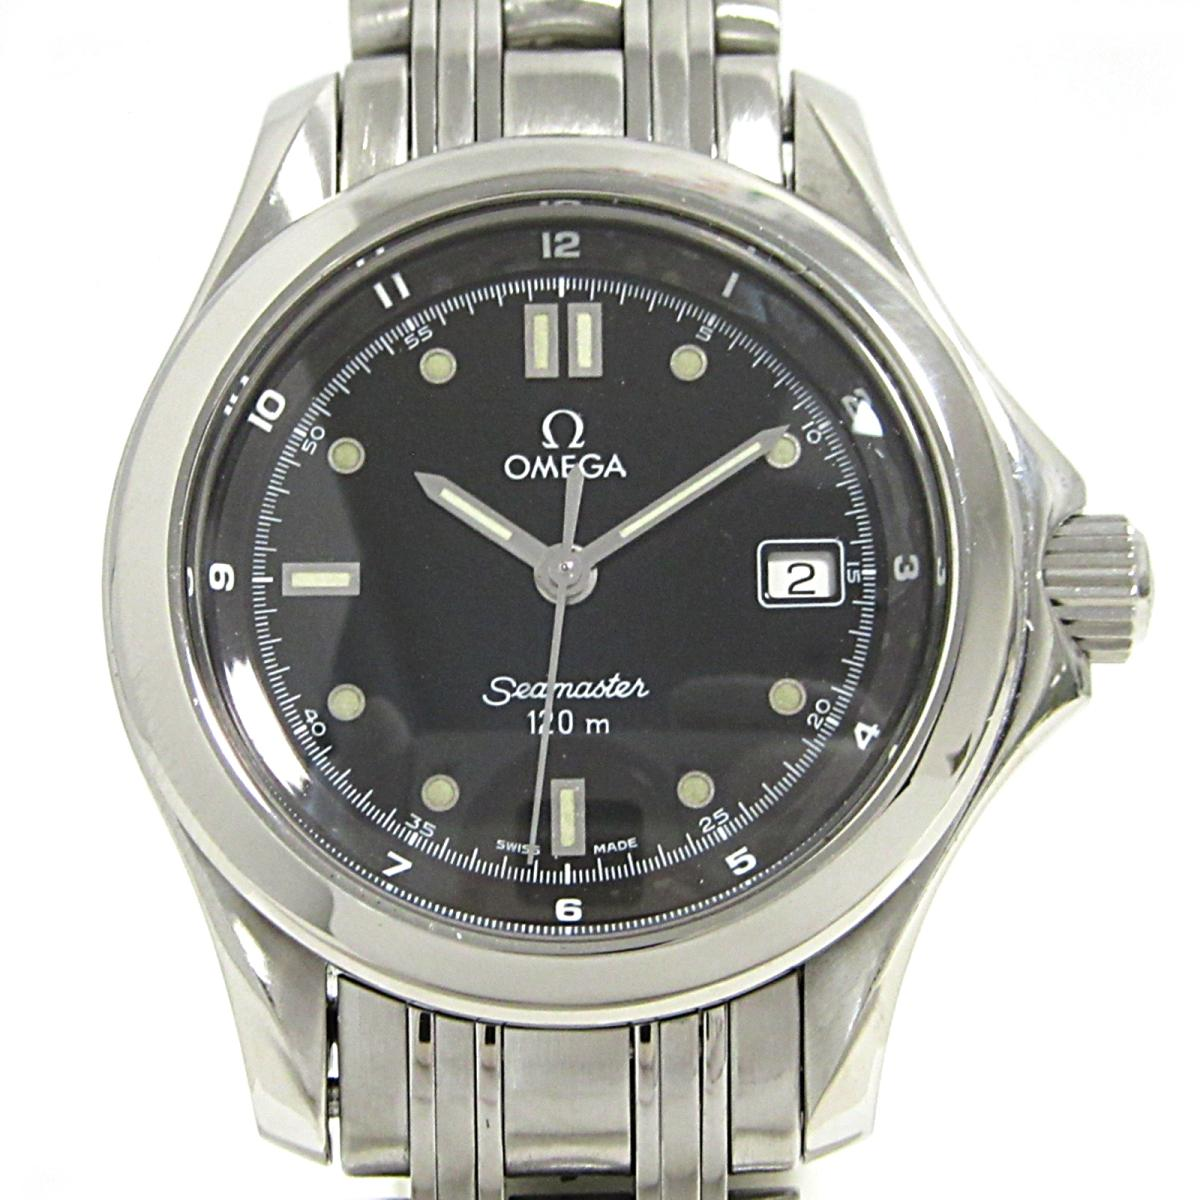 シーマスター120m 腕時計 ウォッチ レディース